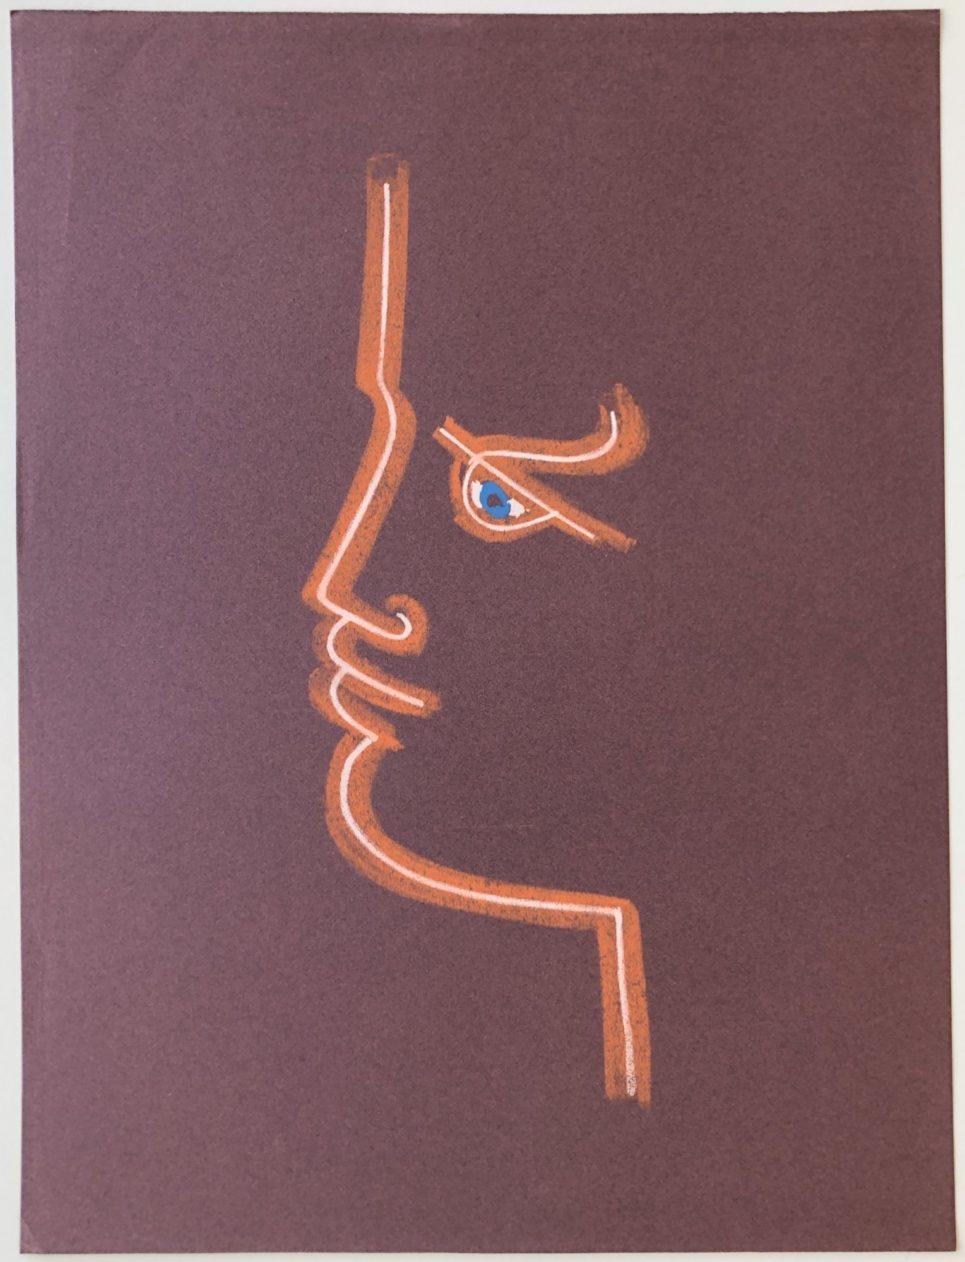 Jean Cocteau - Profile in Burgundy